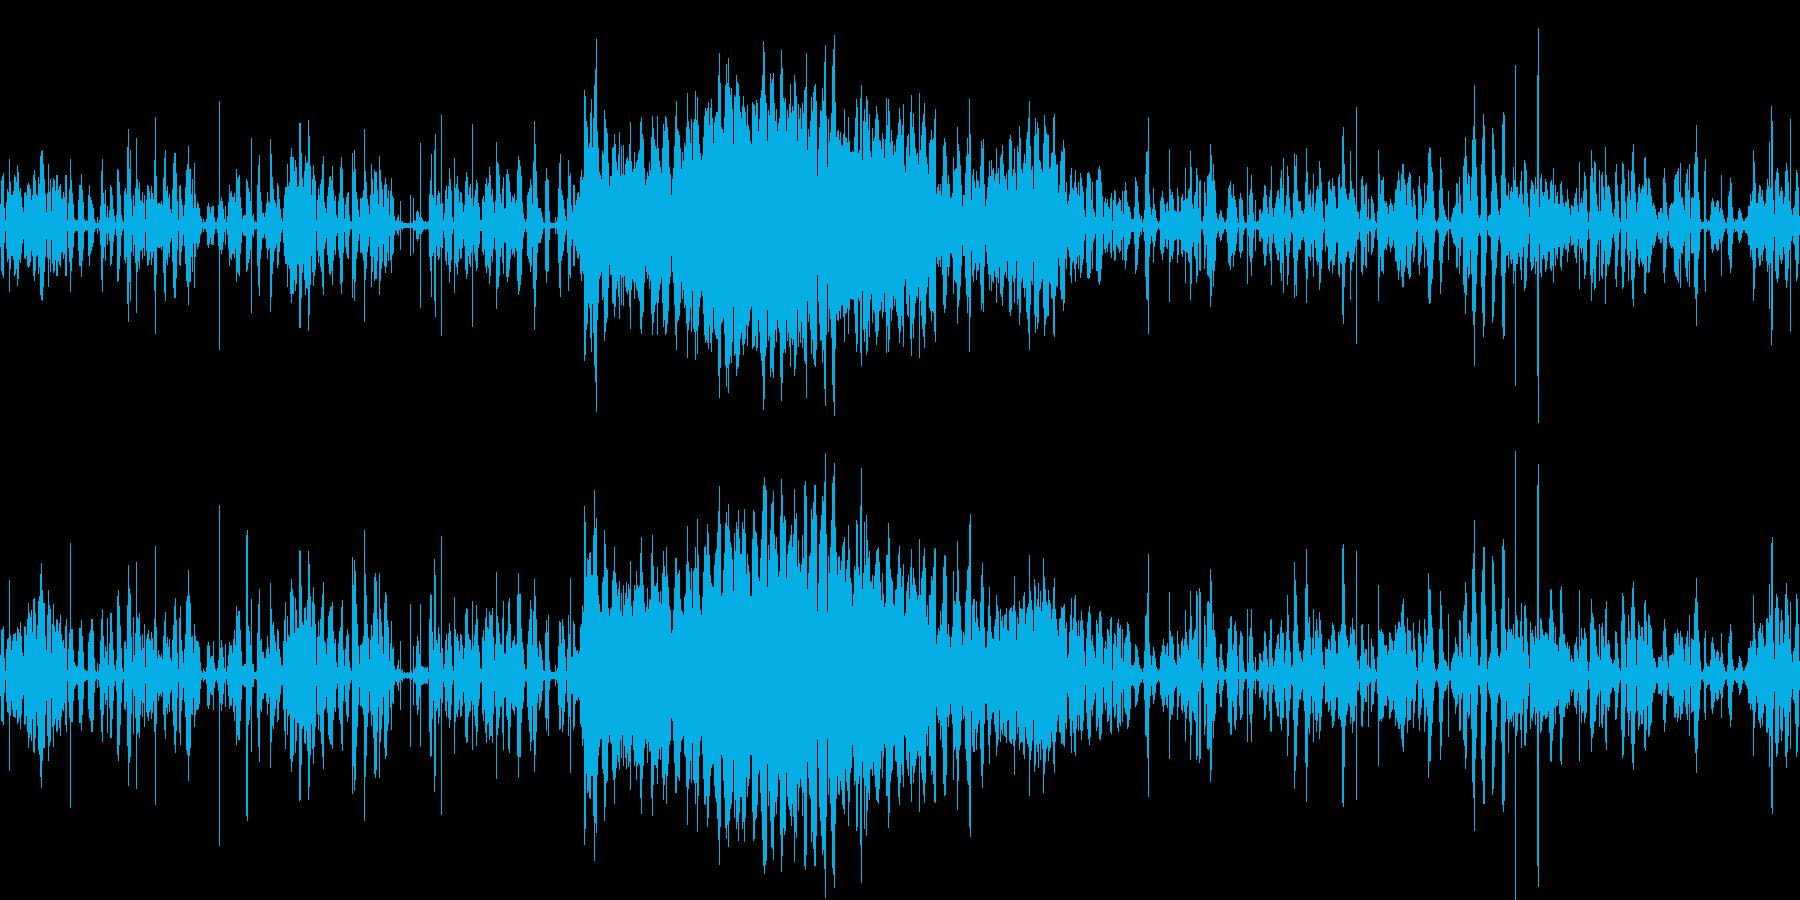 ウシガエルの大合唱の再生済みの波形